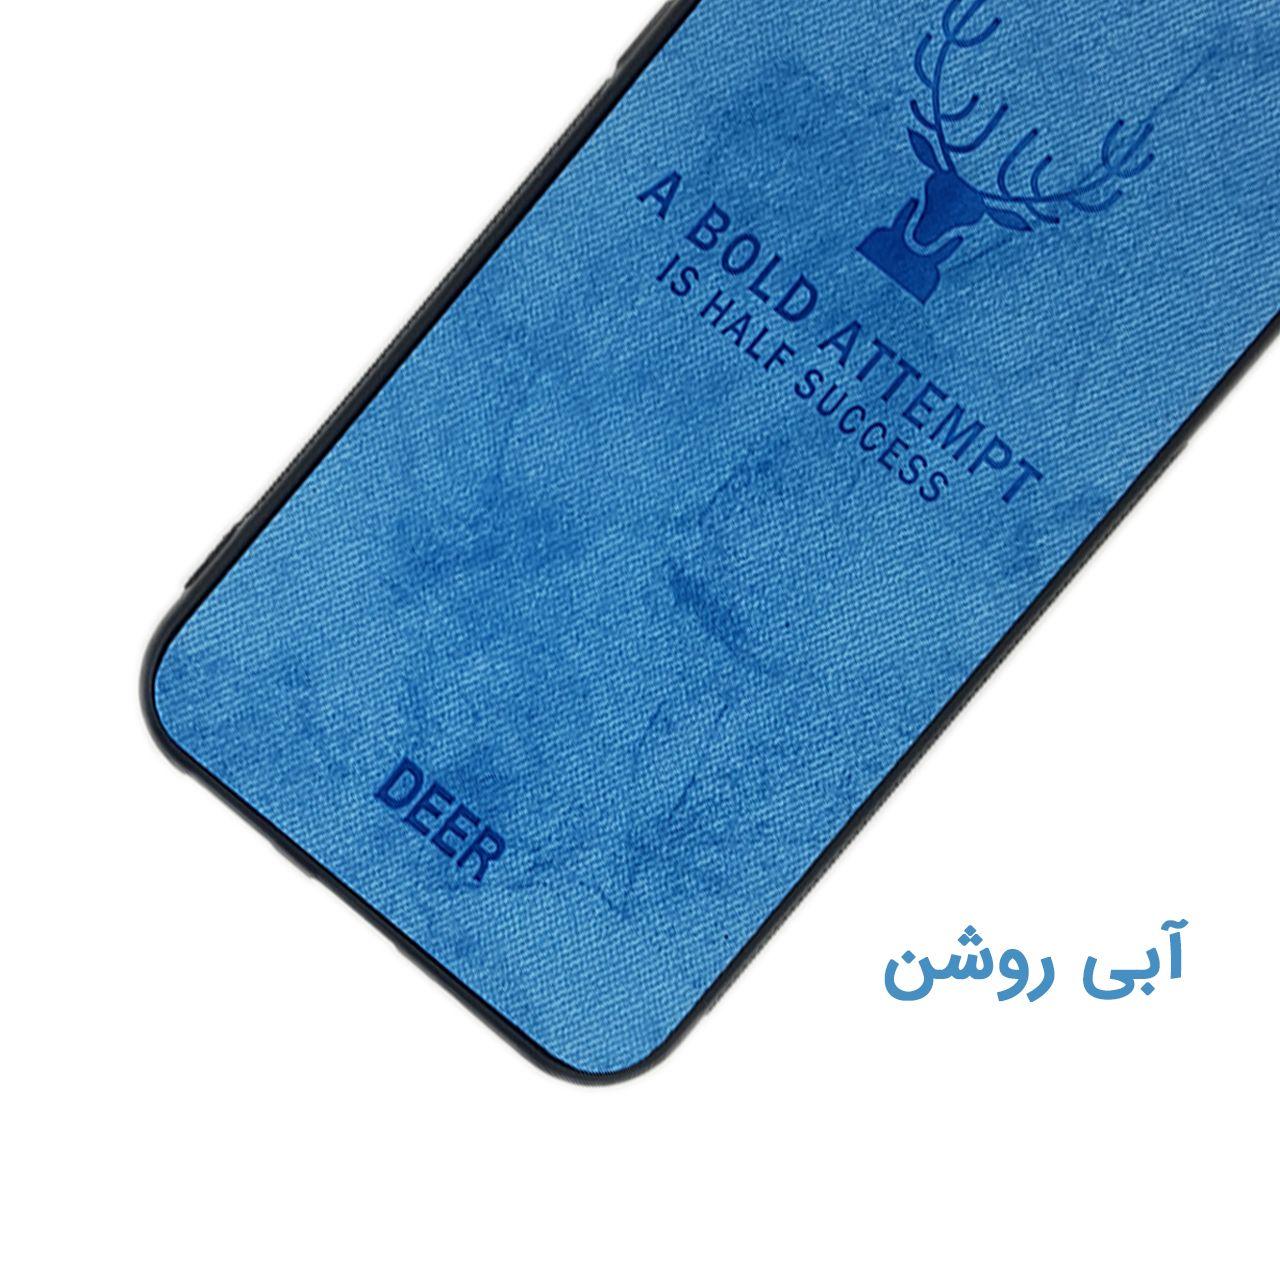 کاور ایبیزا مدل D-114 مناسب برای گوشی موبایل سامسونگ Galaxy Note 9 main 1 5